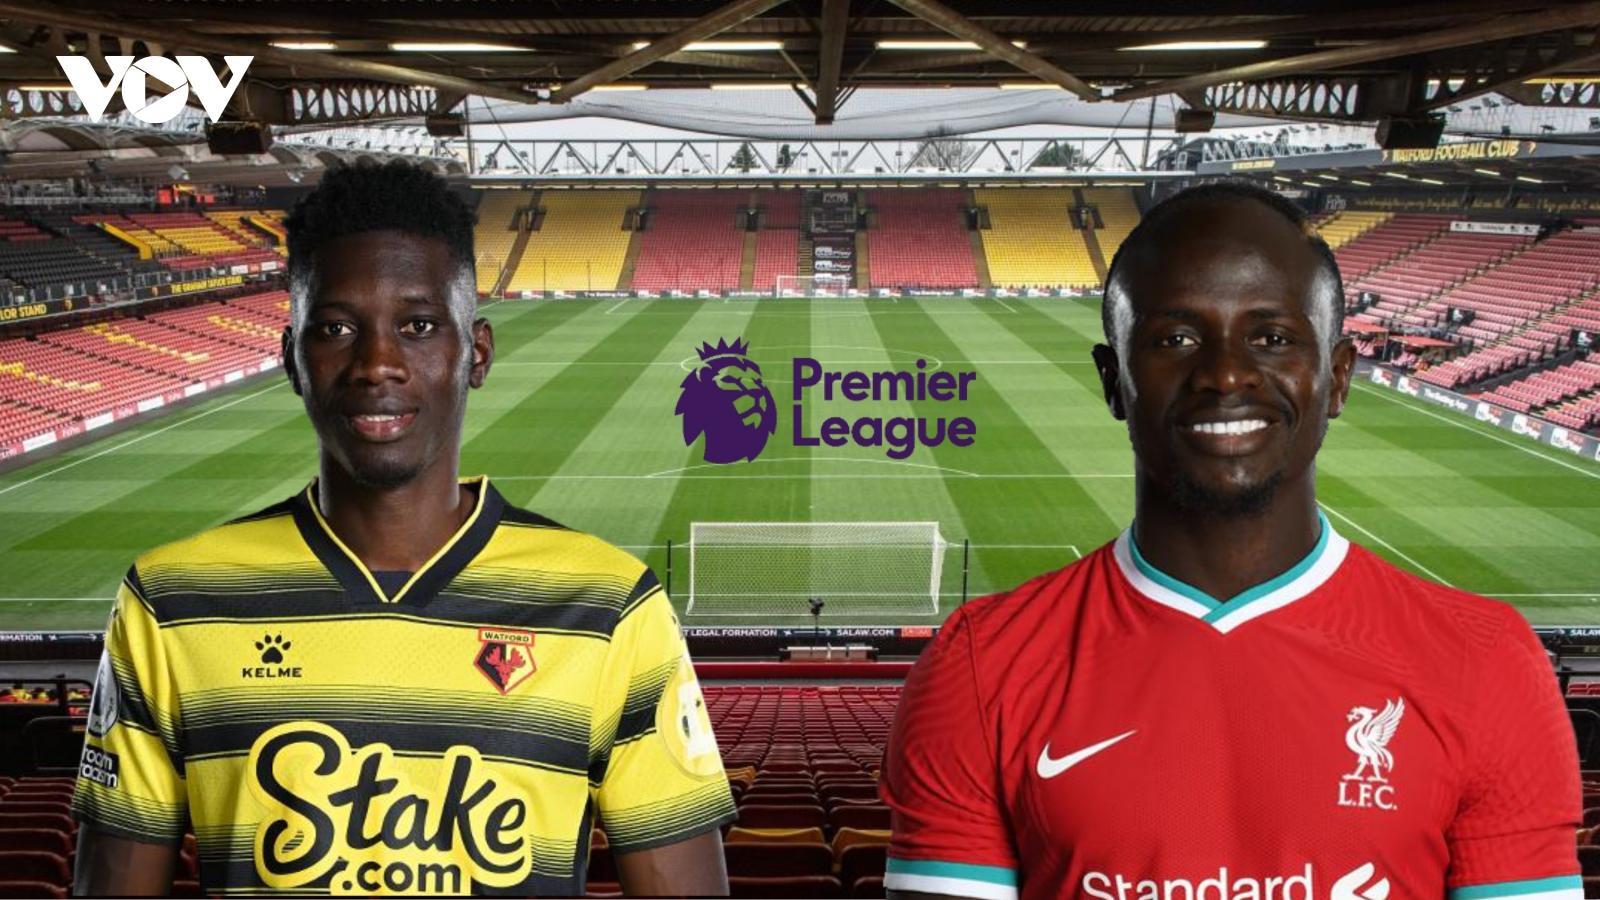 Dự đoán kết quả, đội hình xuất phát trận Watford - Liverpool